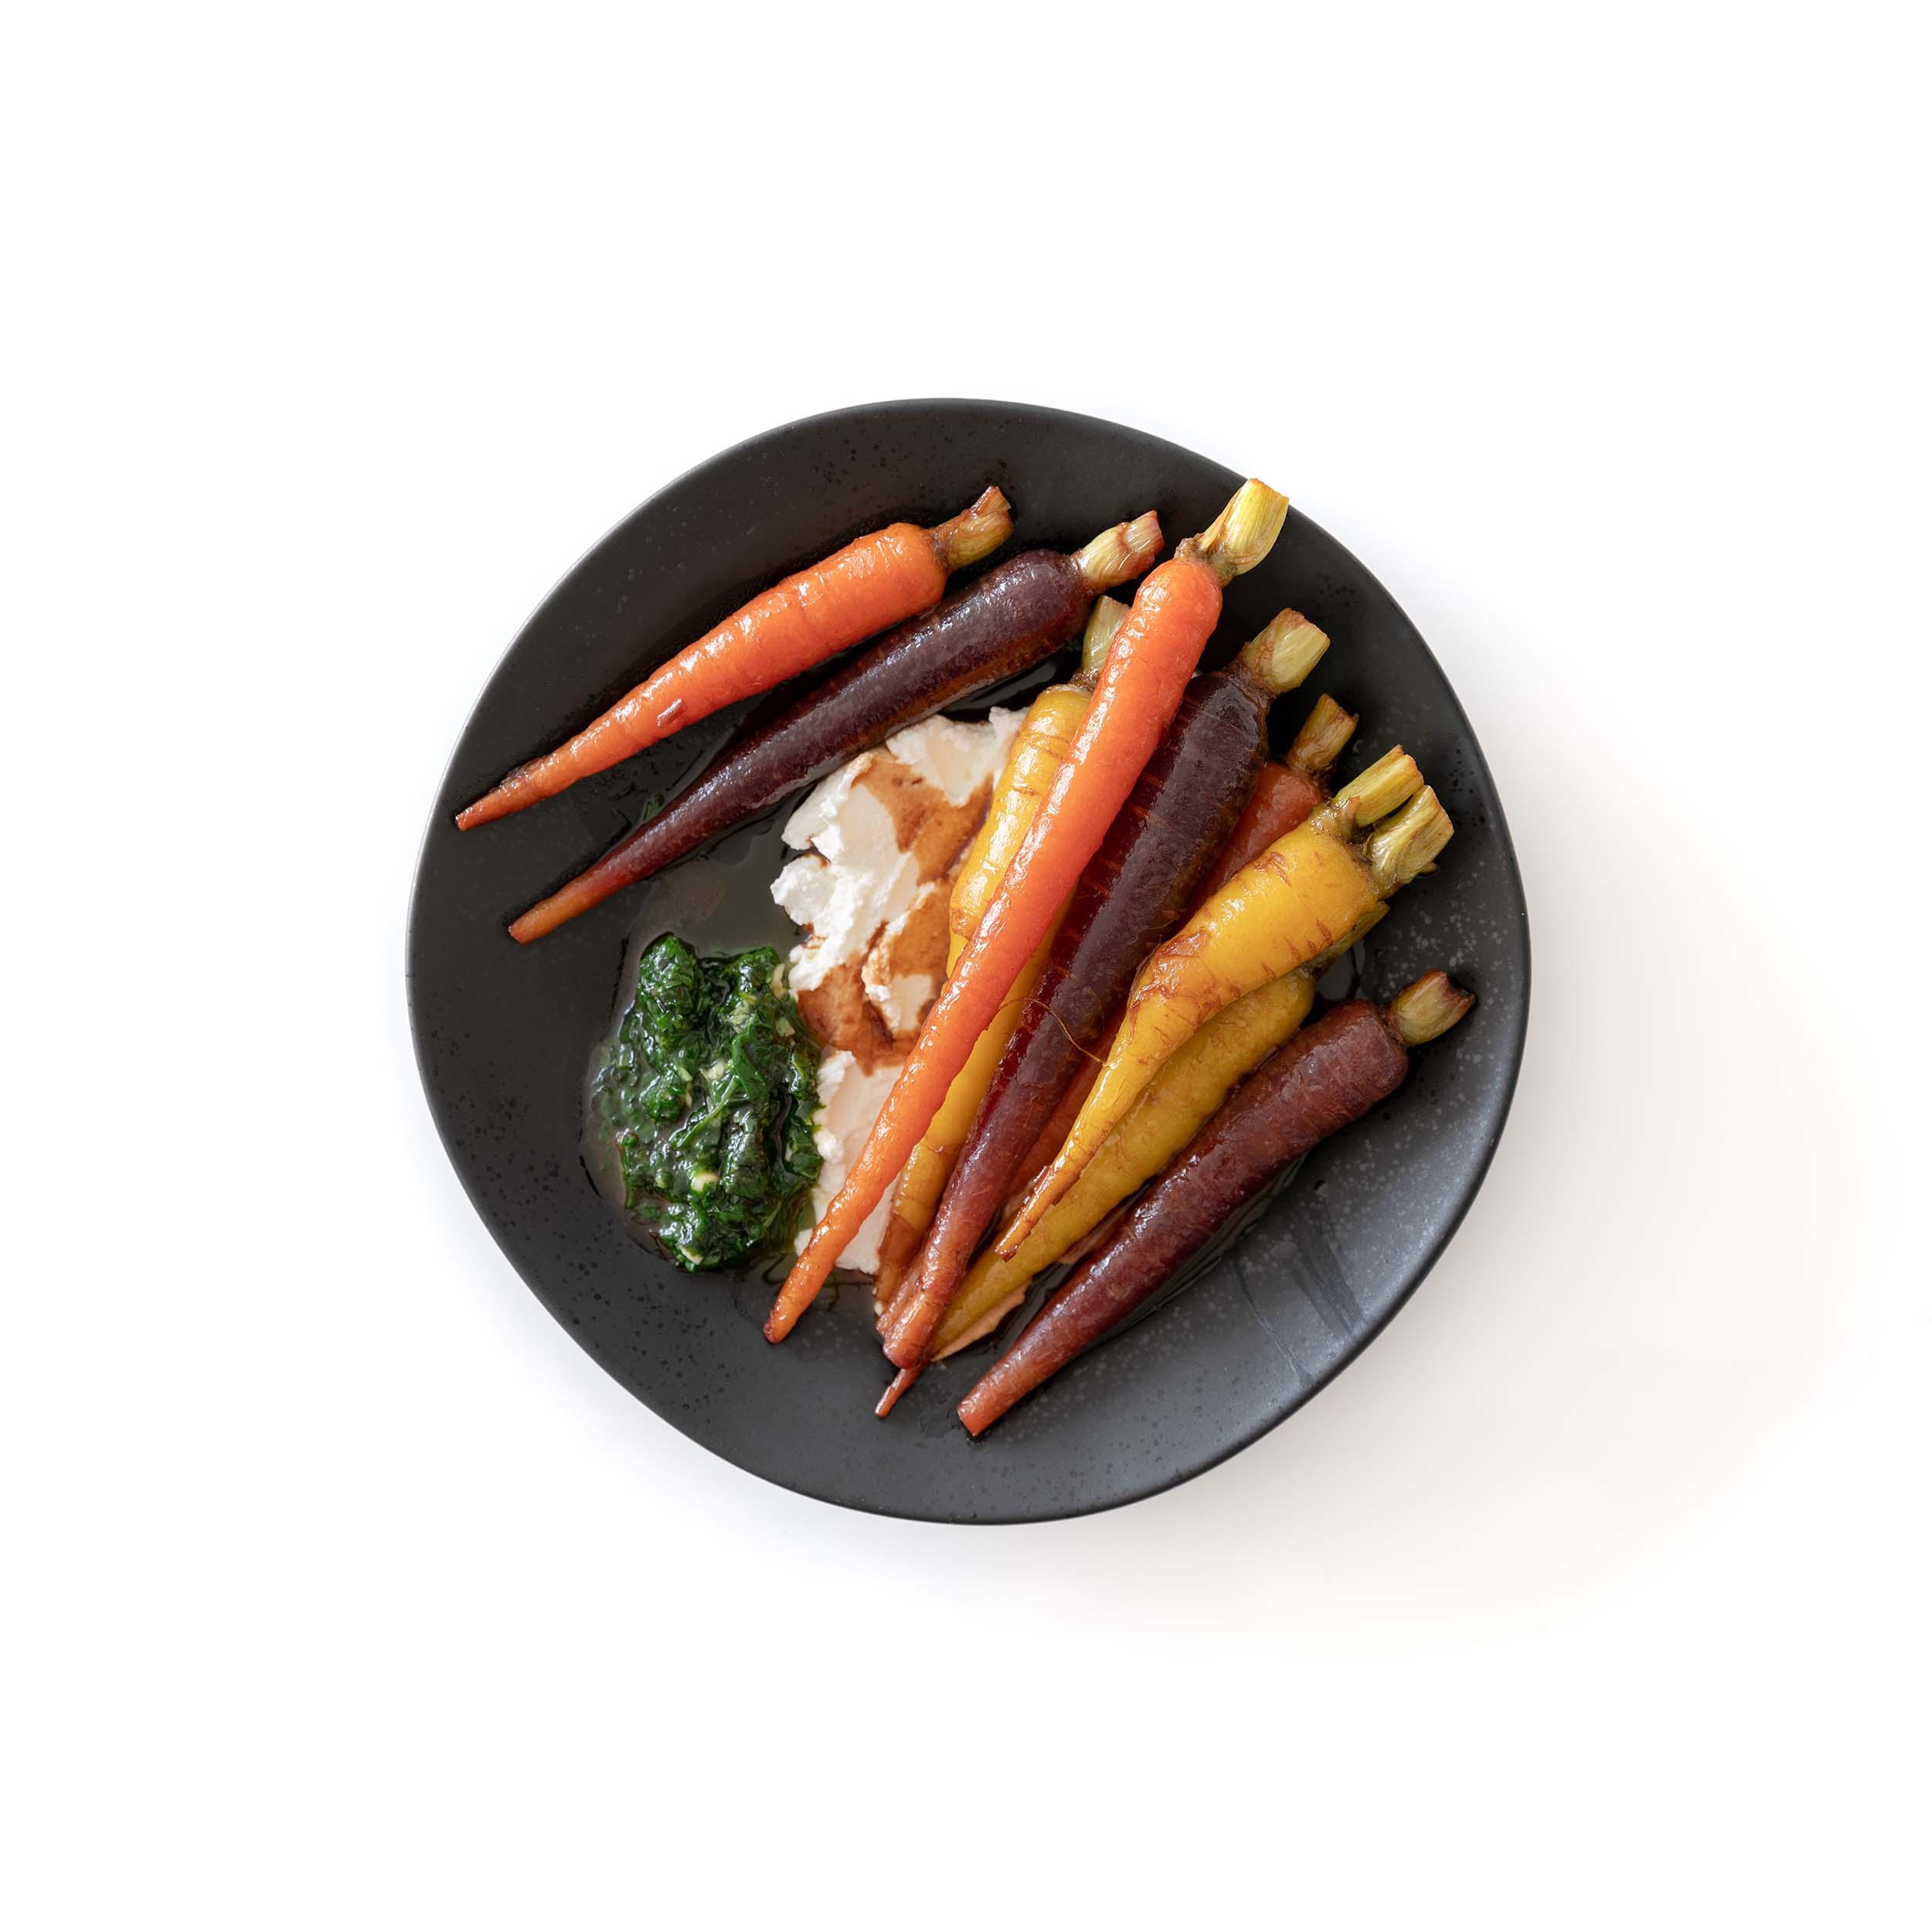 Soy-glazed Carrots w/ Labneh